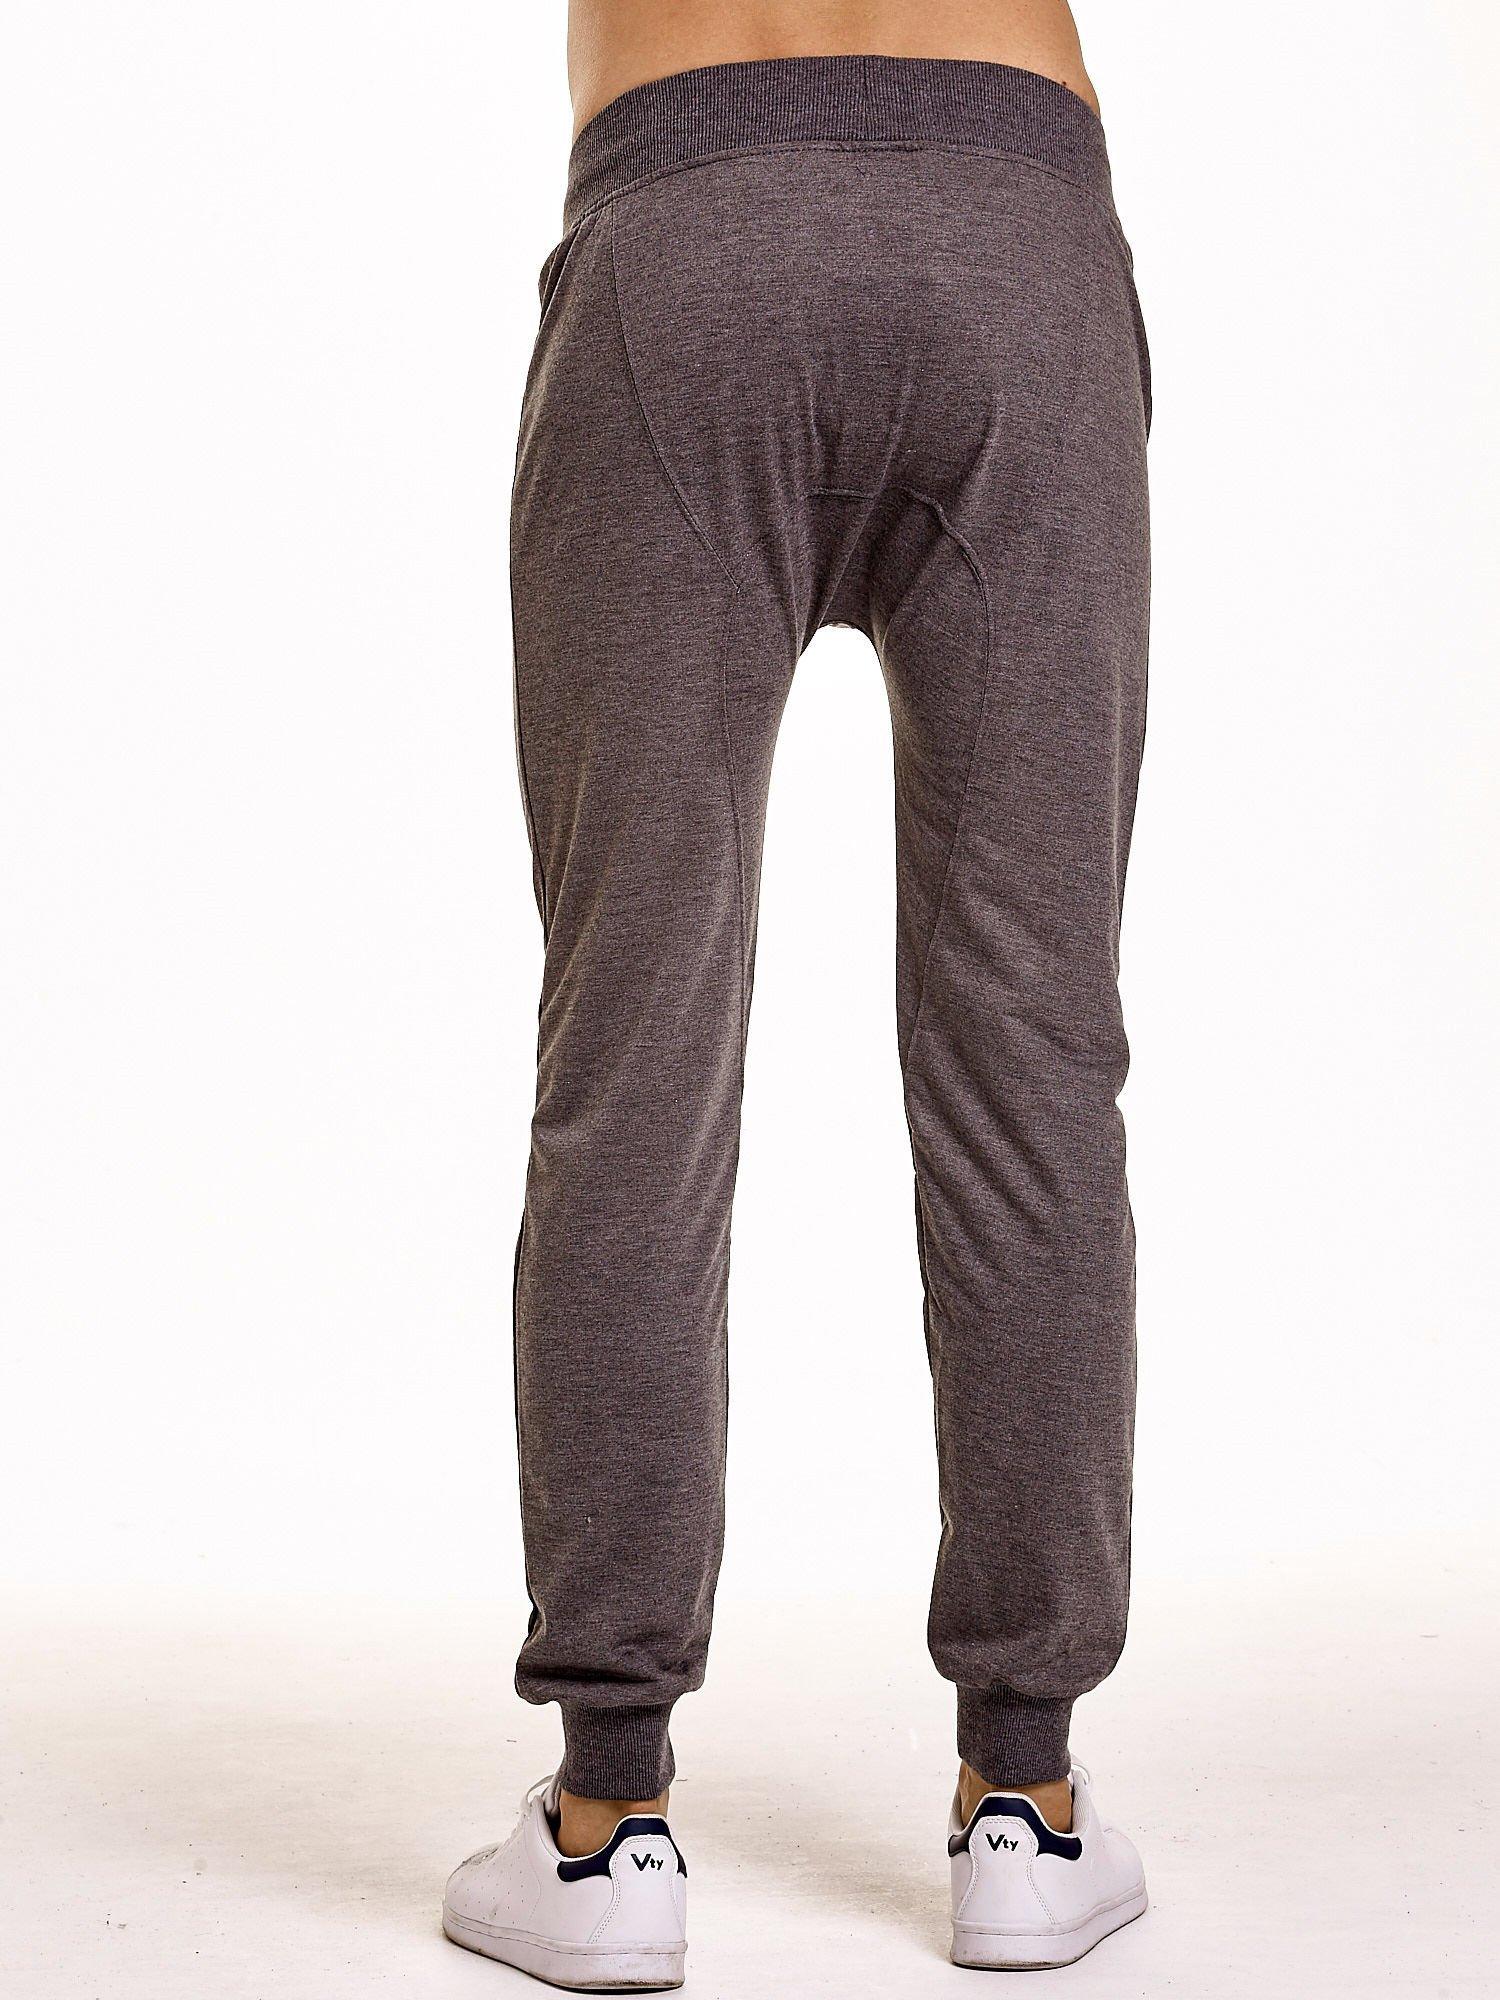 Ciemnoszare gładkie spodnie męskie ze skórzanymi wstawkami                                  zdj.                                  4